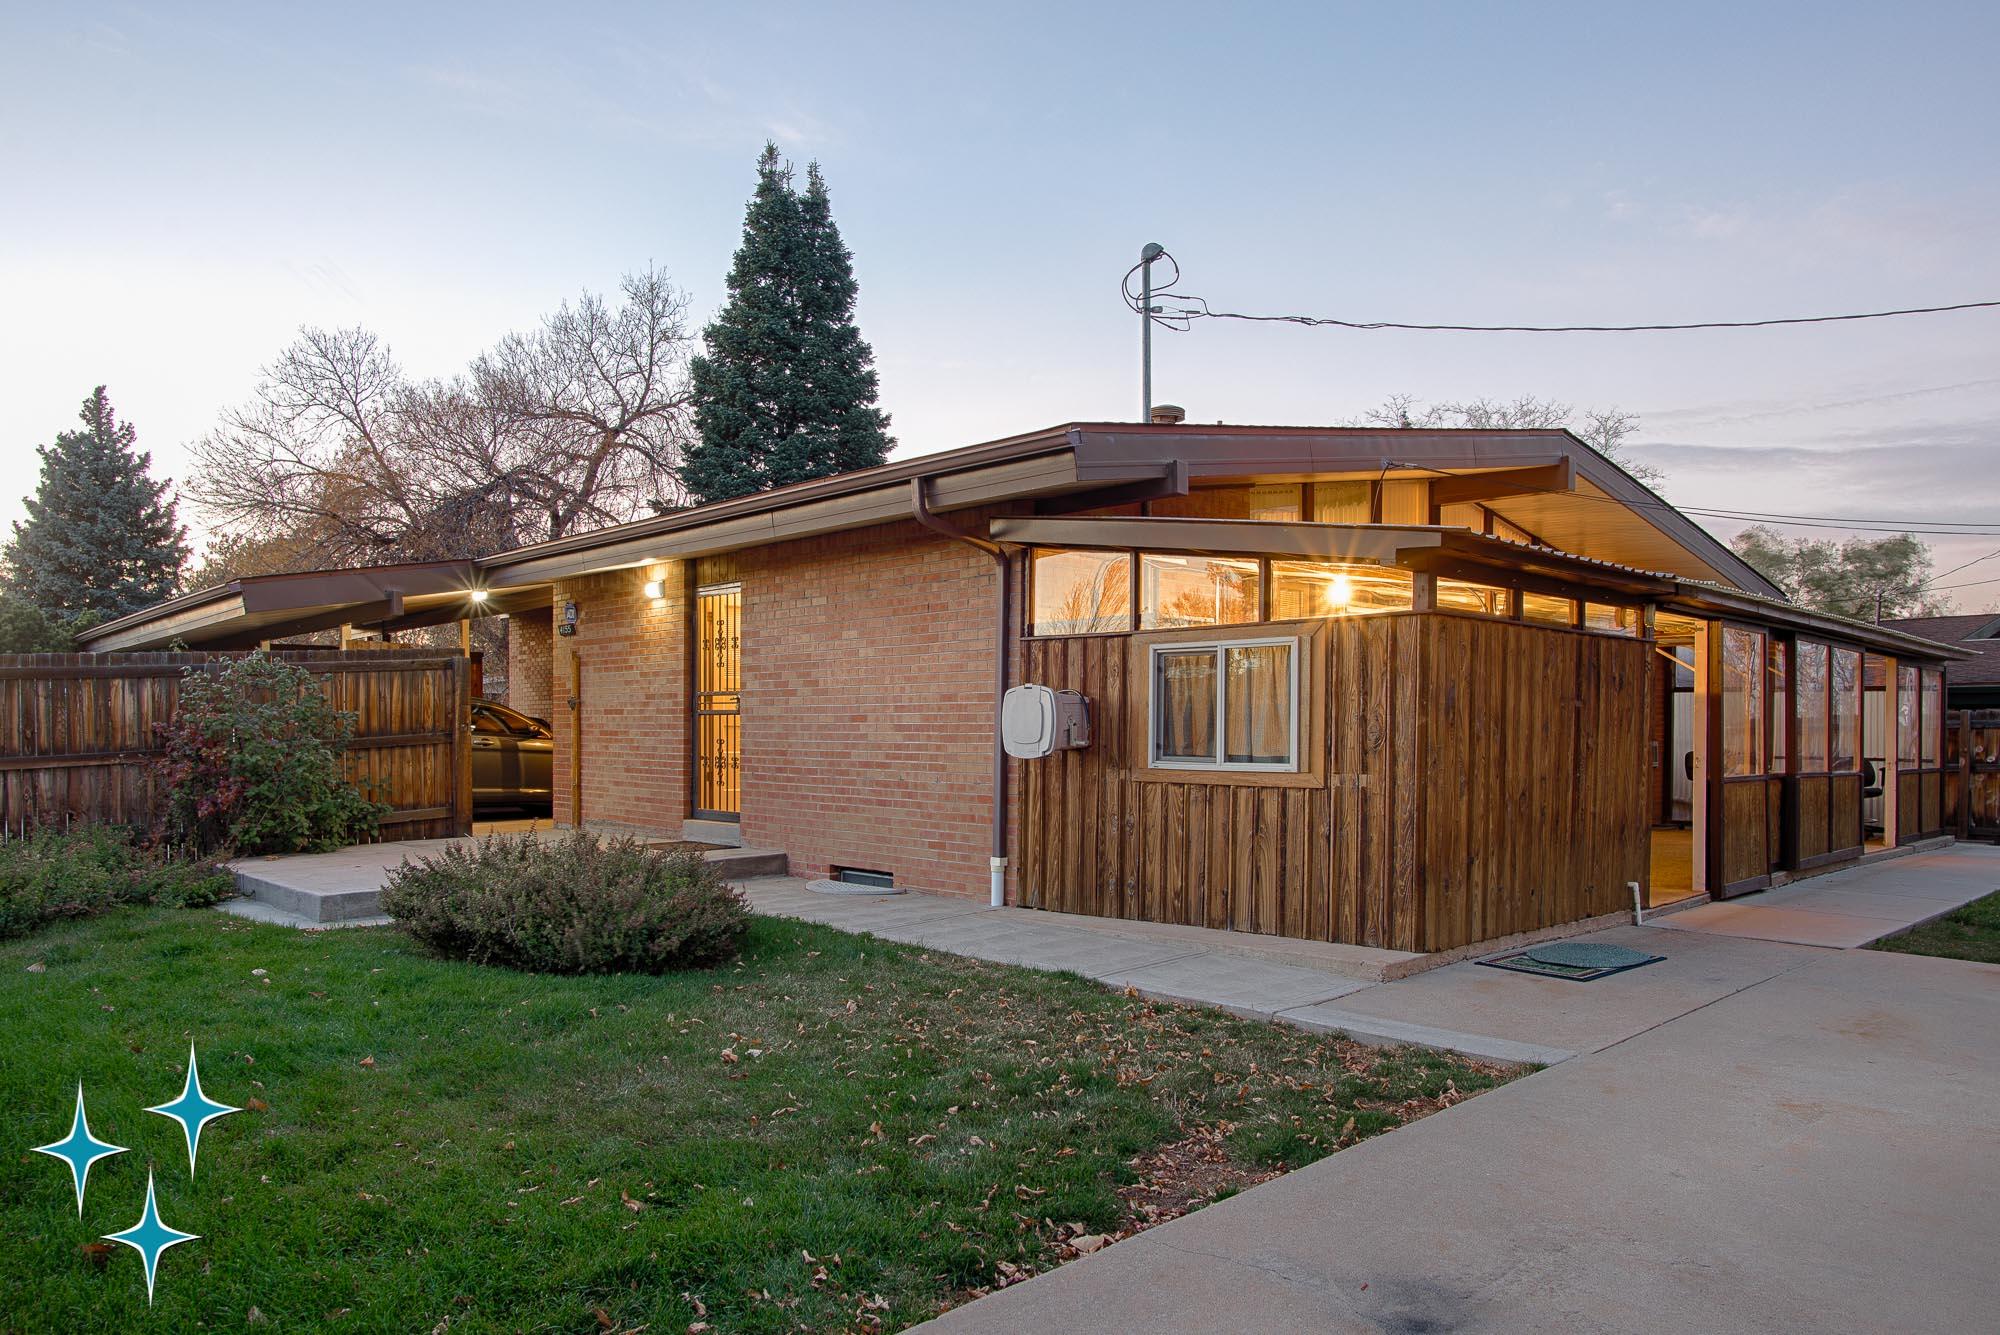 Adrian-Kinney-4155-W-Iliff-Avenue-Denver-r-Carey-Holiday-Home-2000w50-3SWM-41.jpg